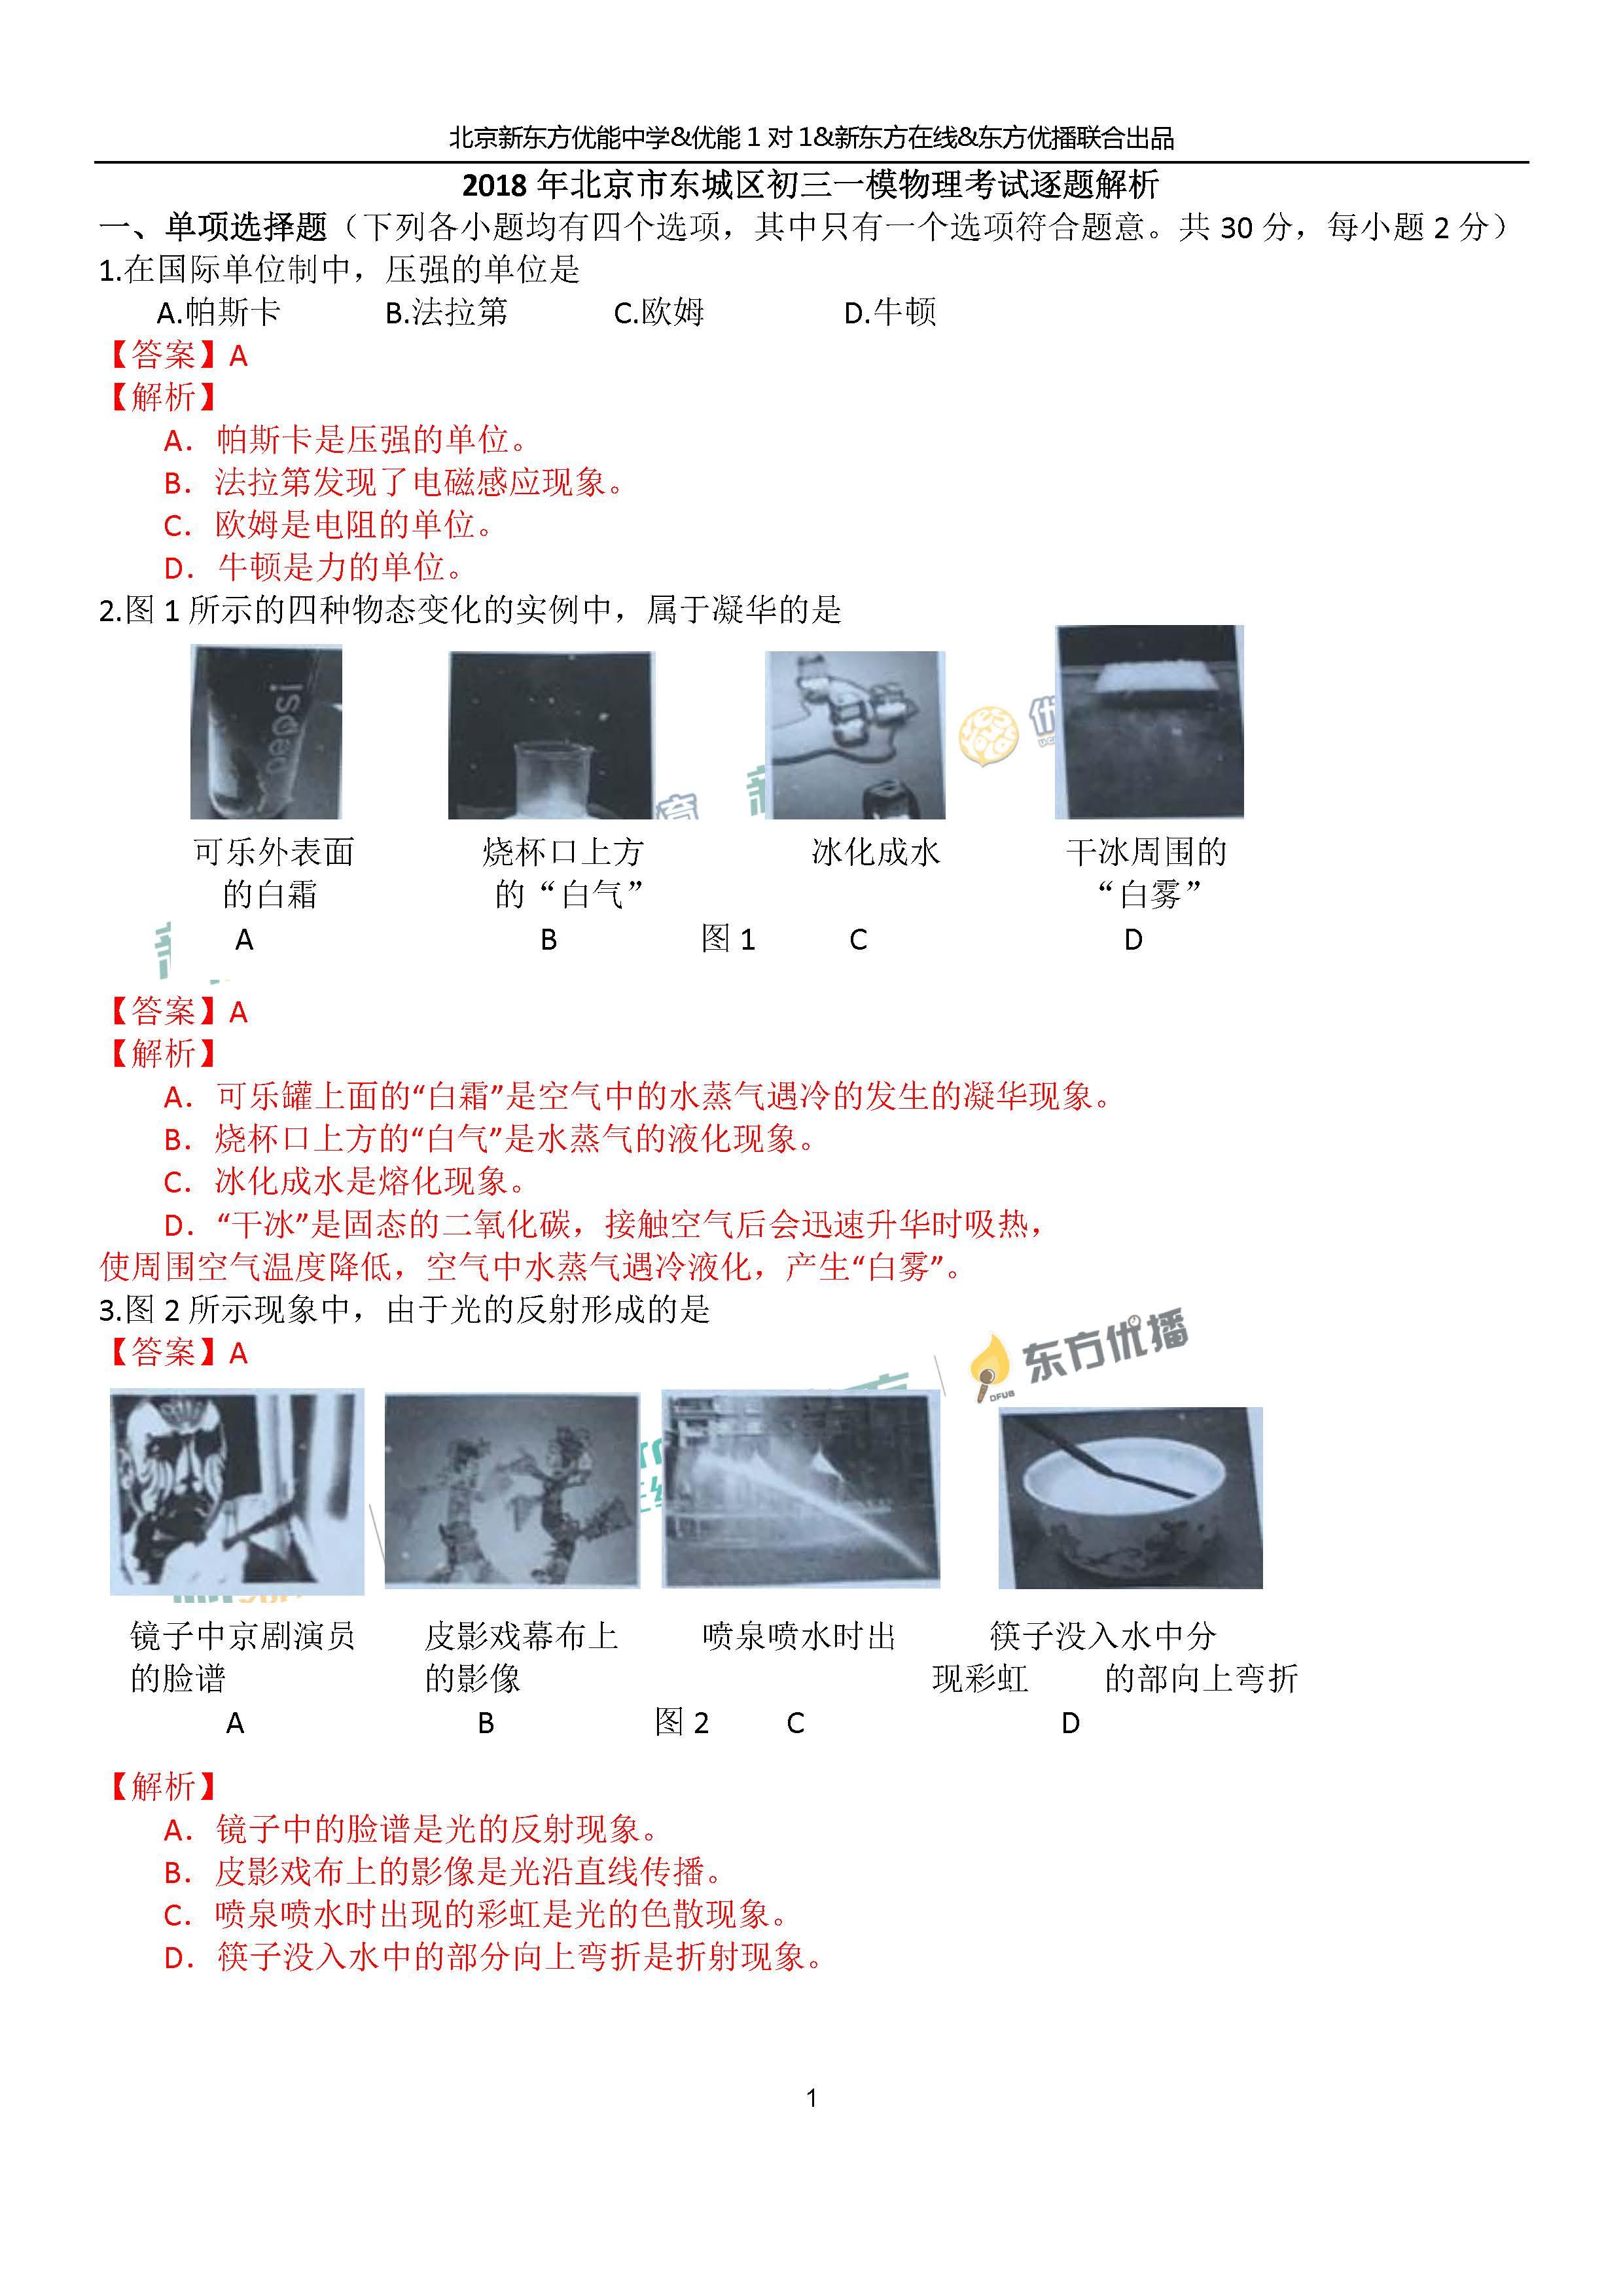 2018东城中考一模物理答案逐题解析(北京新东方)